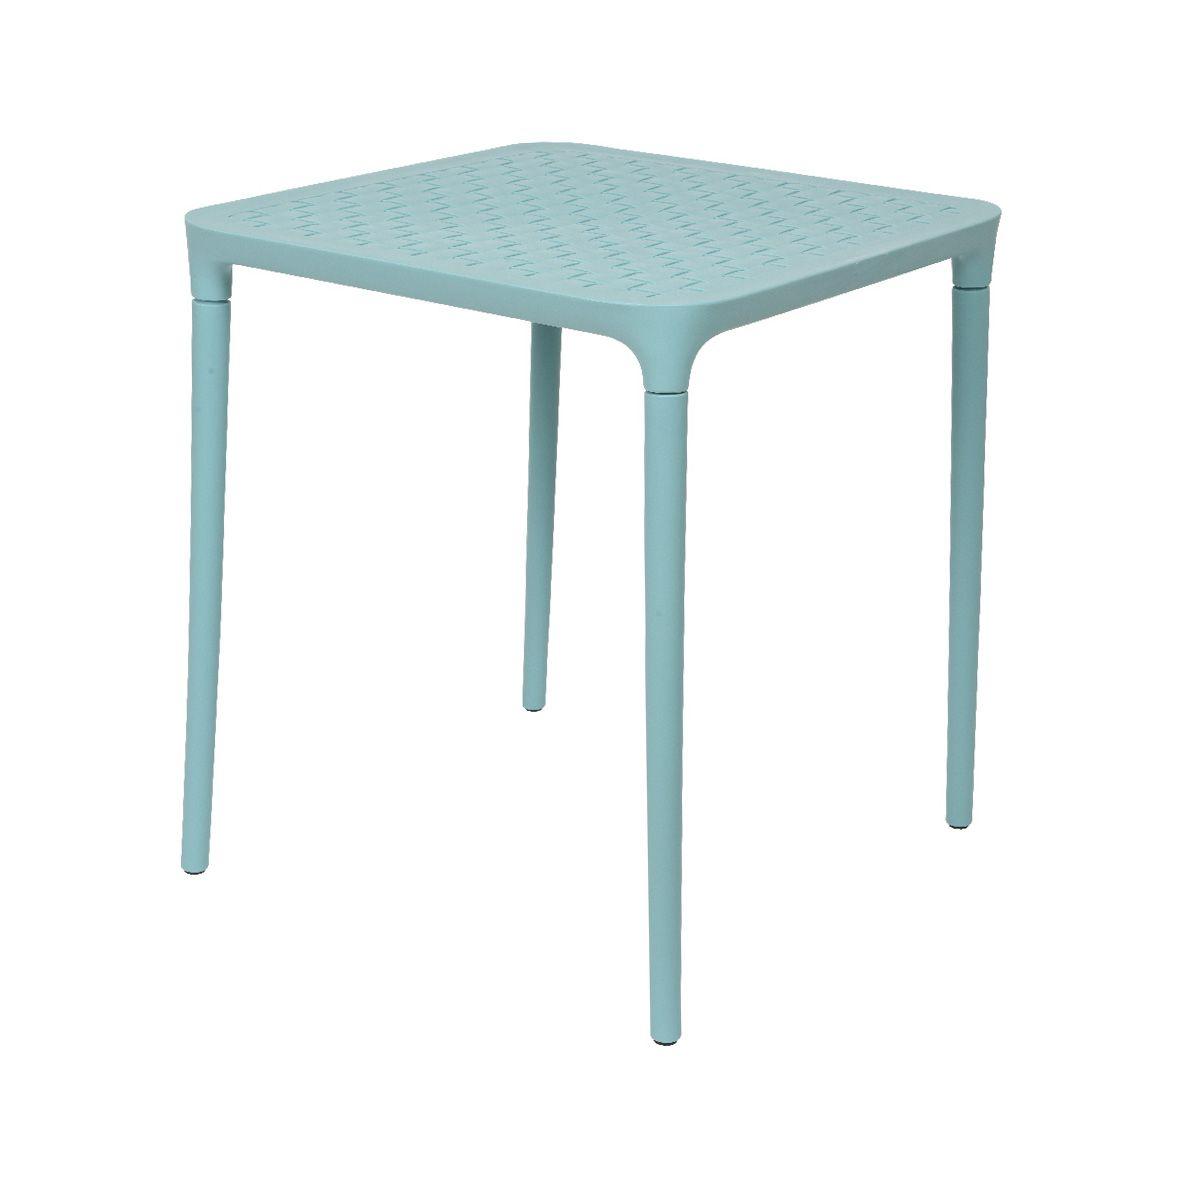 Table de jardin carrée Porto - Bleu clair - Table de jardin - Eminza